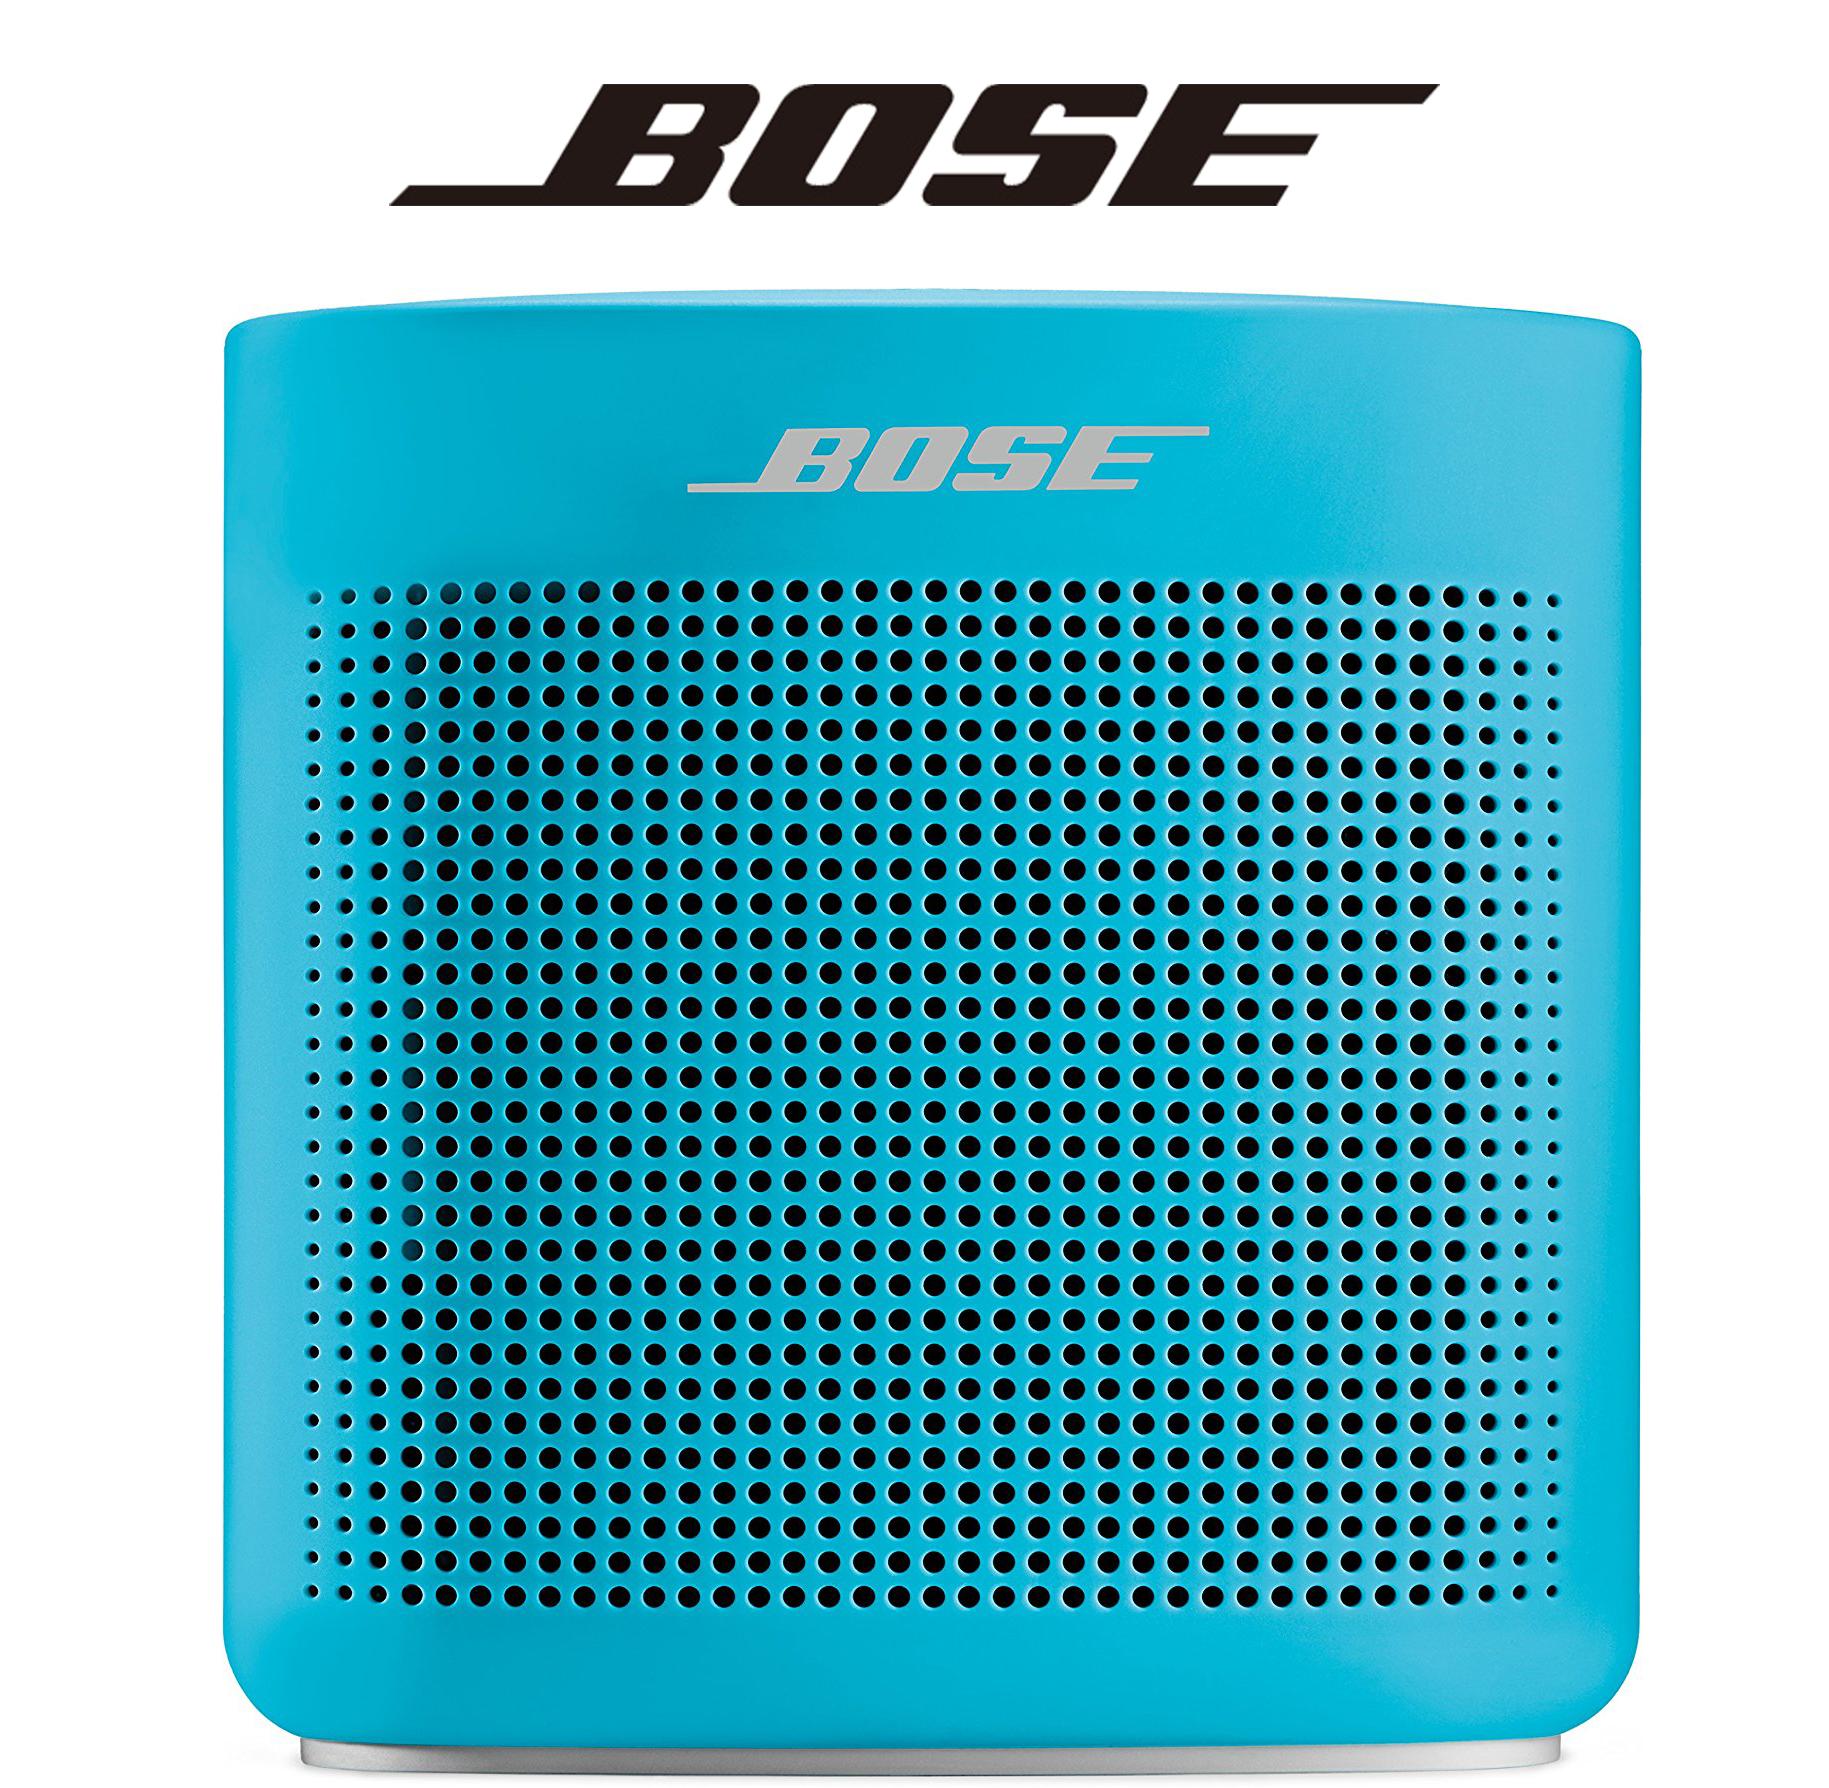 【Bose】ポータブルワイヤレススピーカー アクアティックブルー